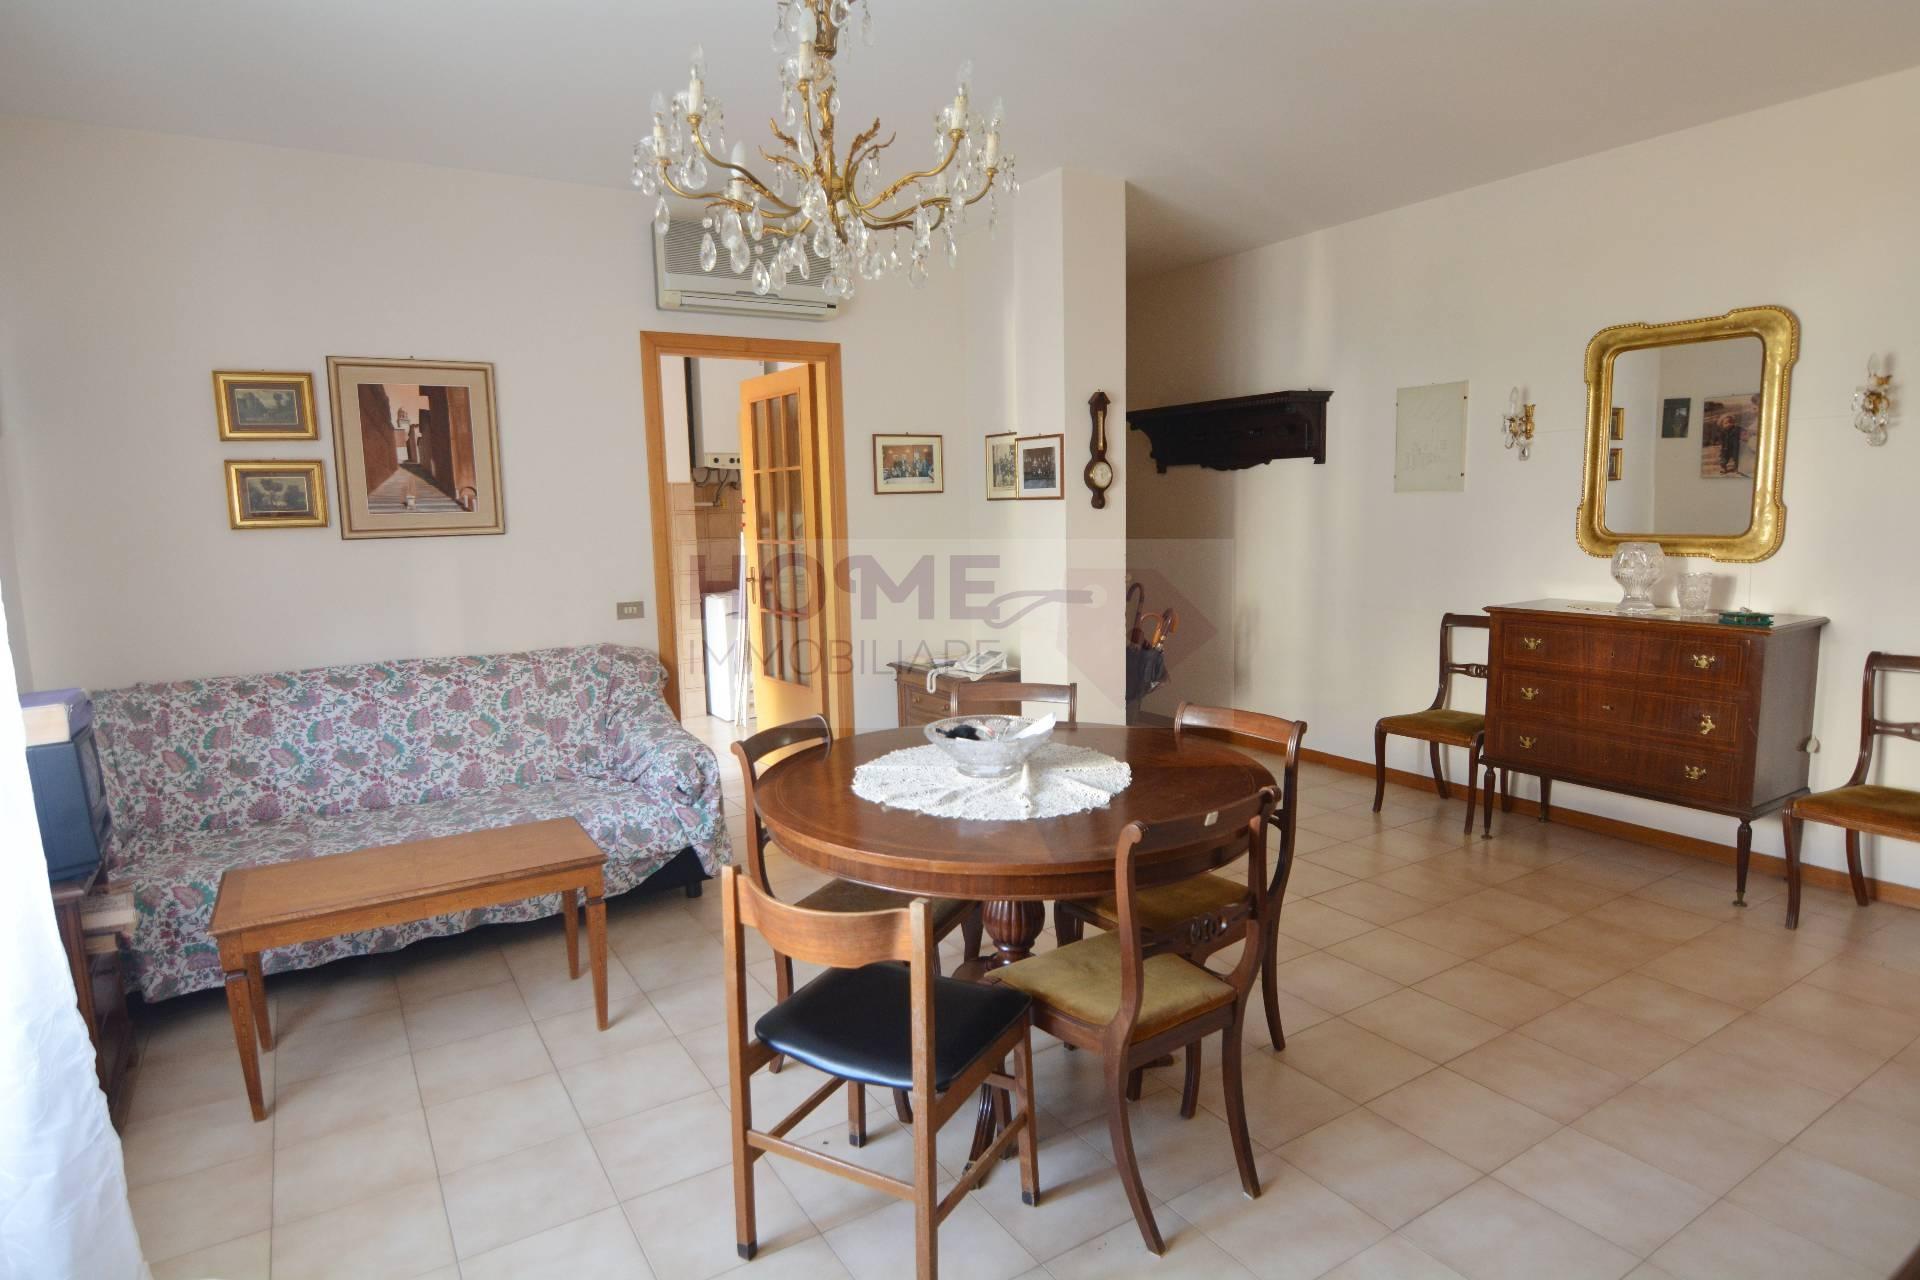 Appartamento in vendita a Macerata, 5 locali, zona Località: zonaColleverde, prezzo € 95.000 | CambioCasa.it